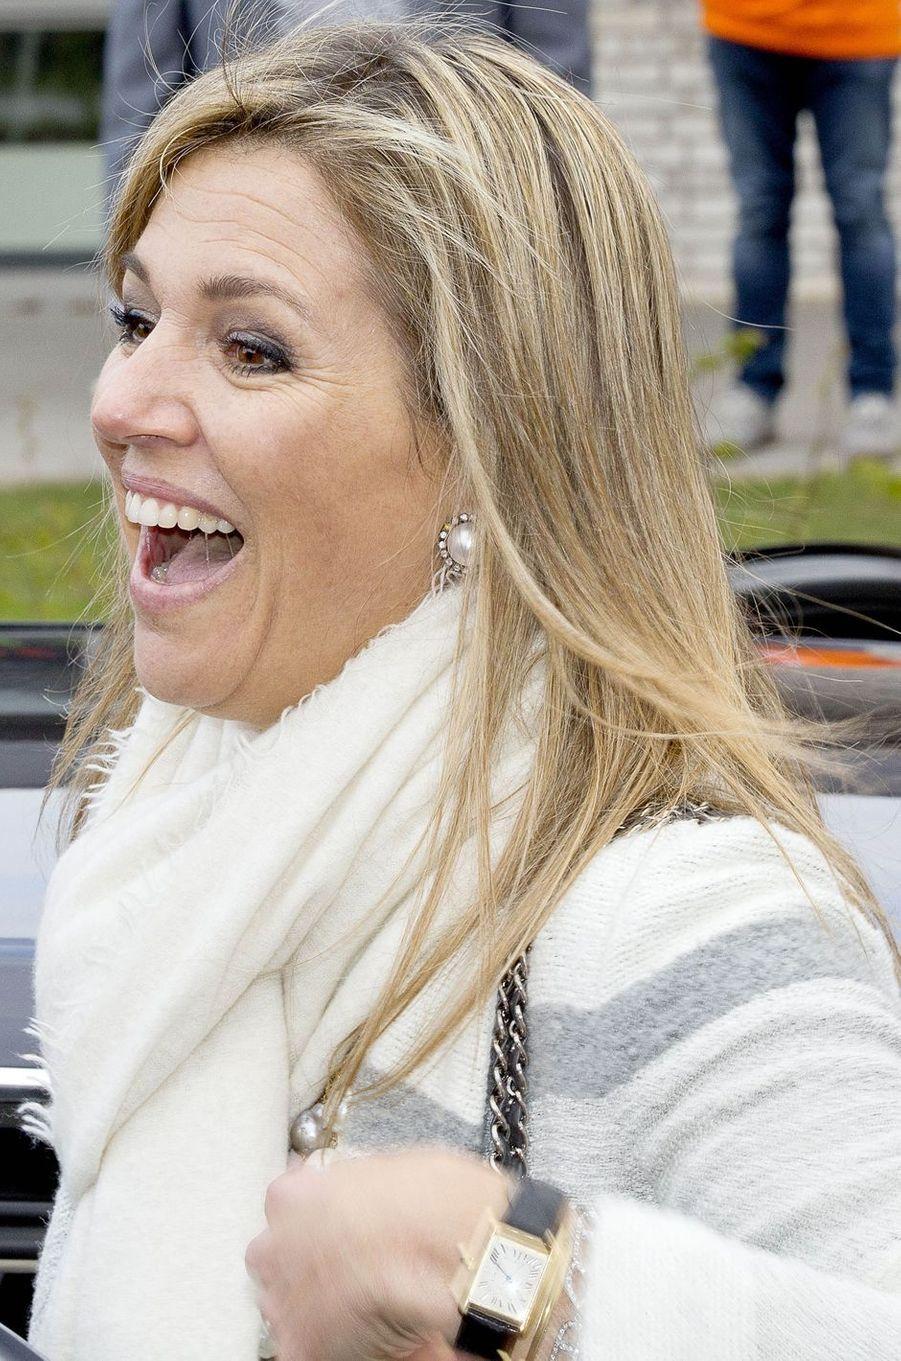 La reine Maxima des Pays-Bas à Veghel, le 21 avril 2017